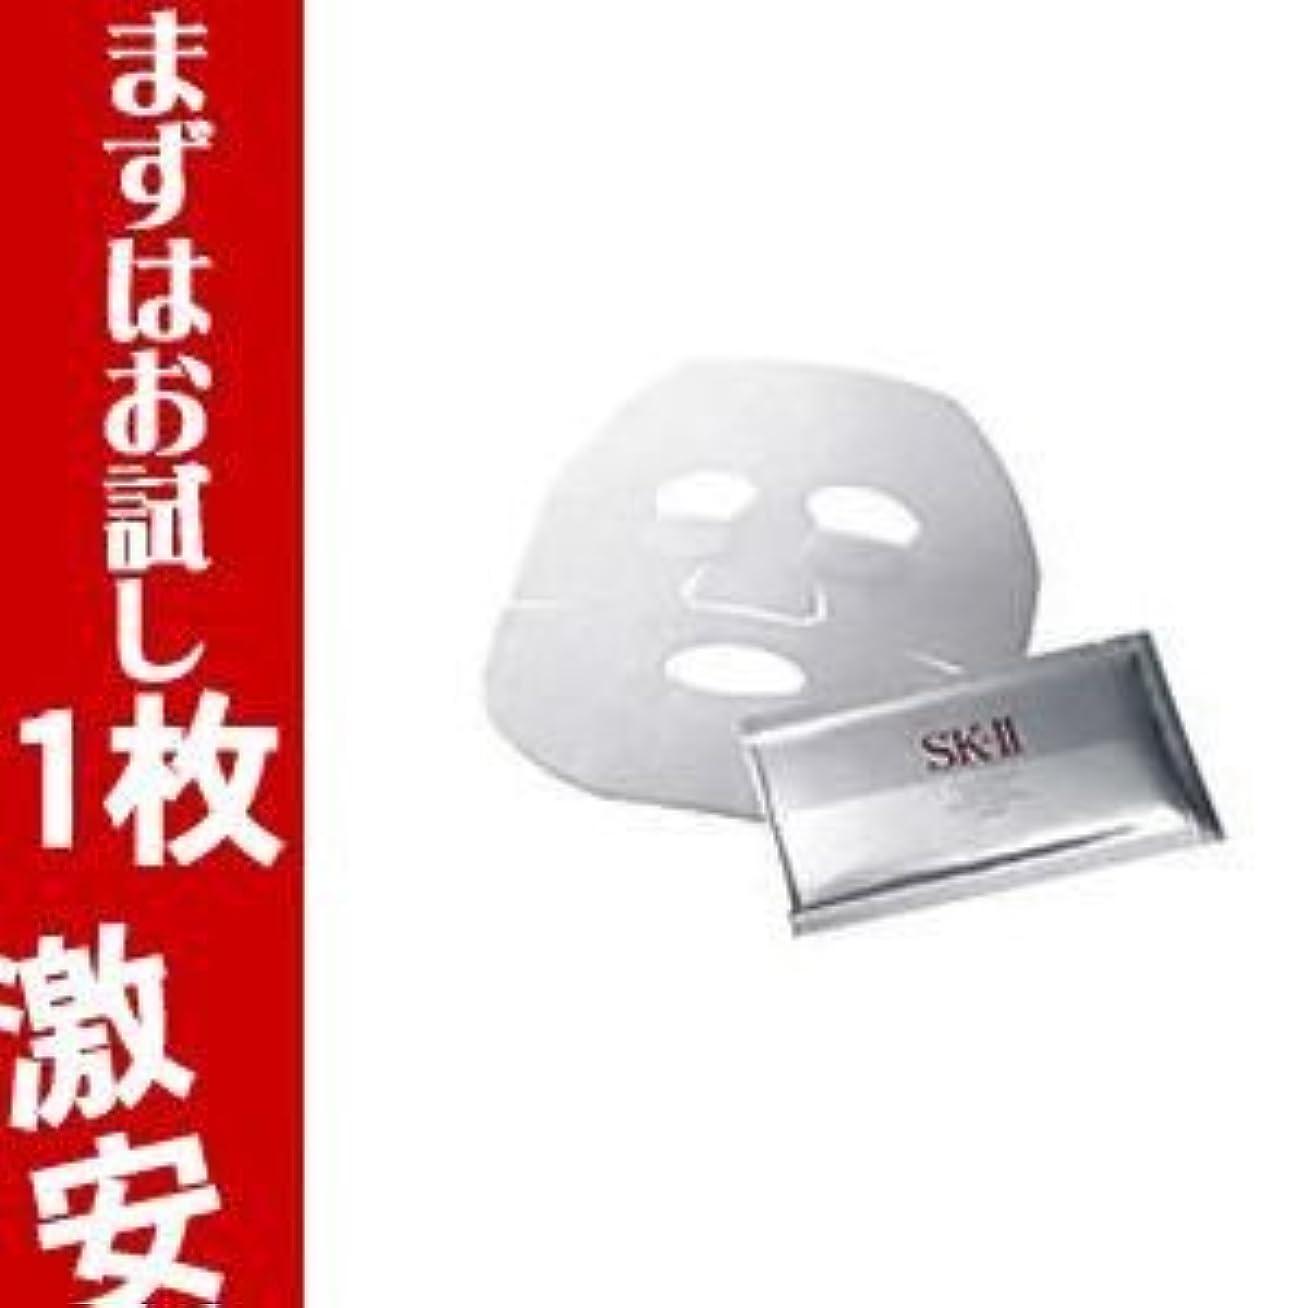 狼付き添い人最初は【SK-II SK-2】 ホワイトニングソース ダーム リバイバル マスク 1枚  【箱なし】